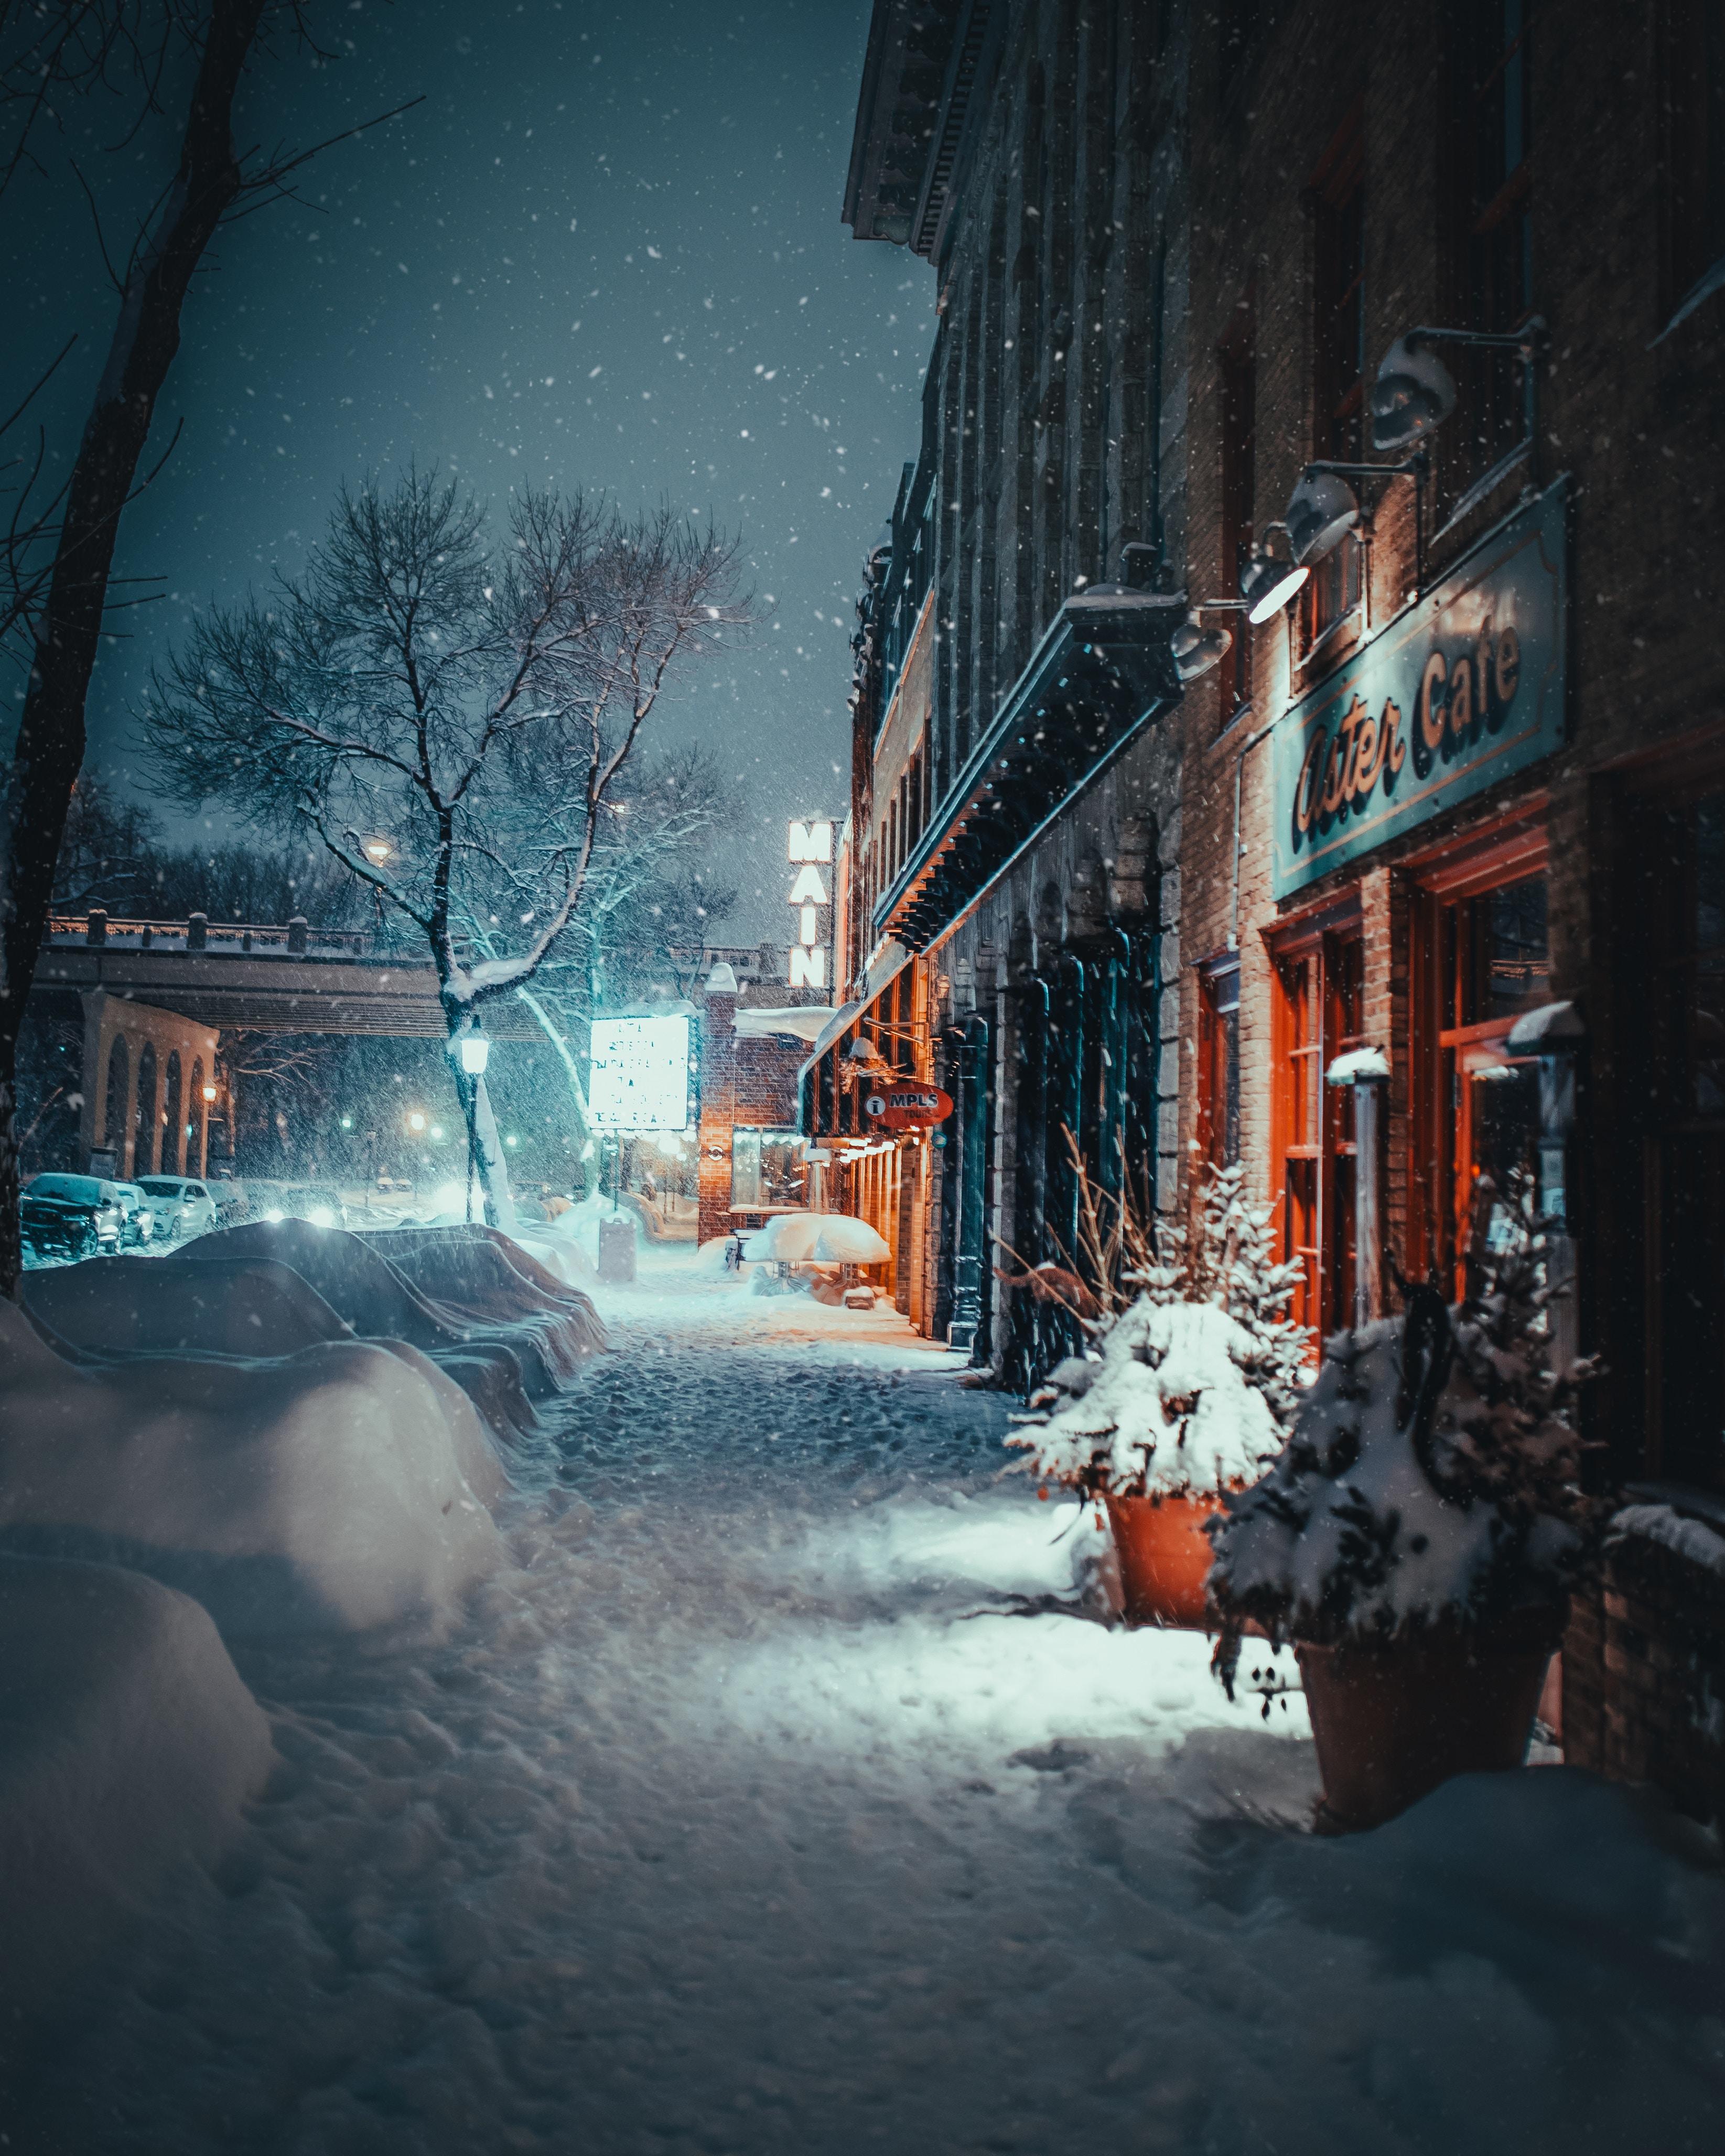 128617 скачать обои Зима, Города, Город, Здания, Вечер, Улица, Снегопад - заставки и картинки бесплатно